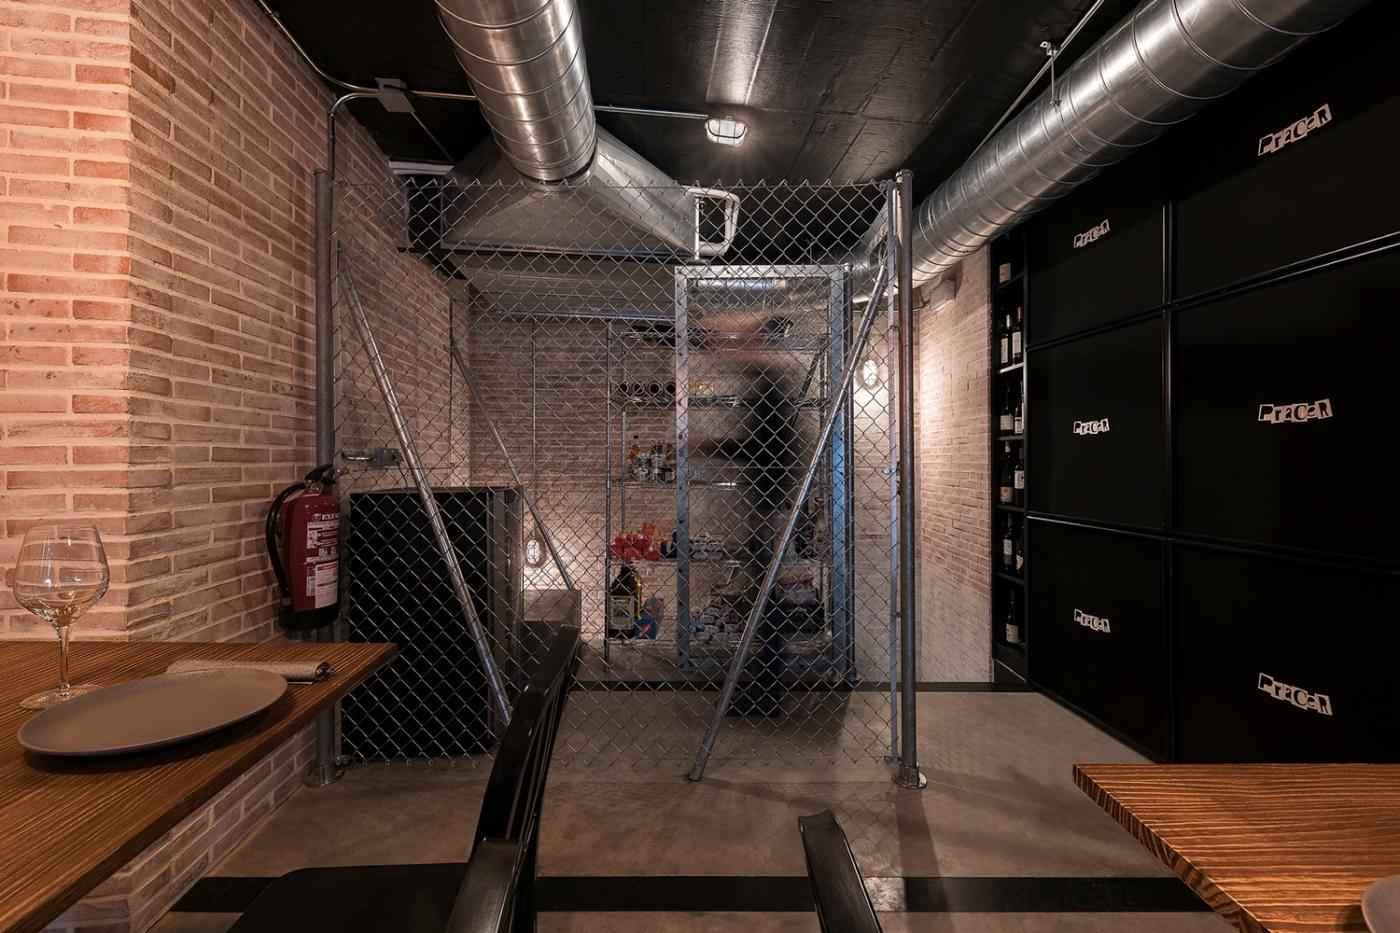 diseño-de-restaurante-pracer-ivan-cotado-10